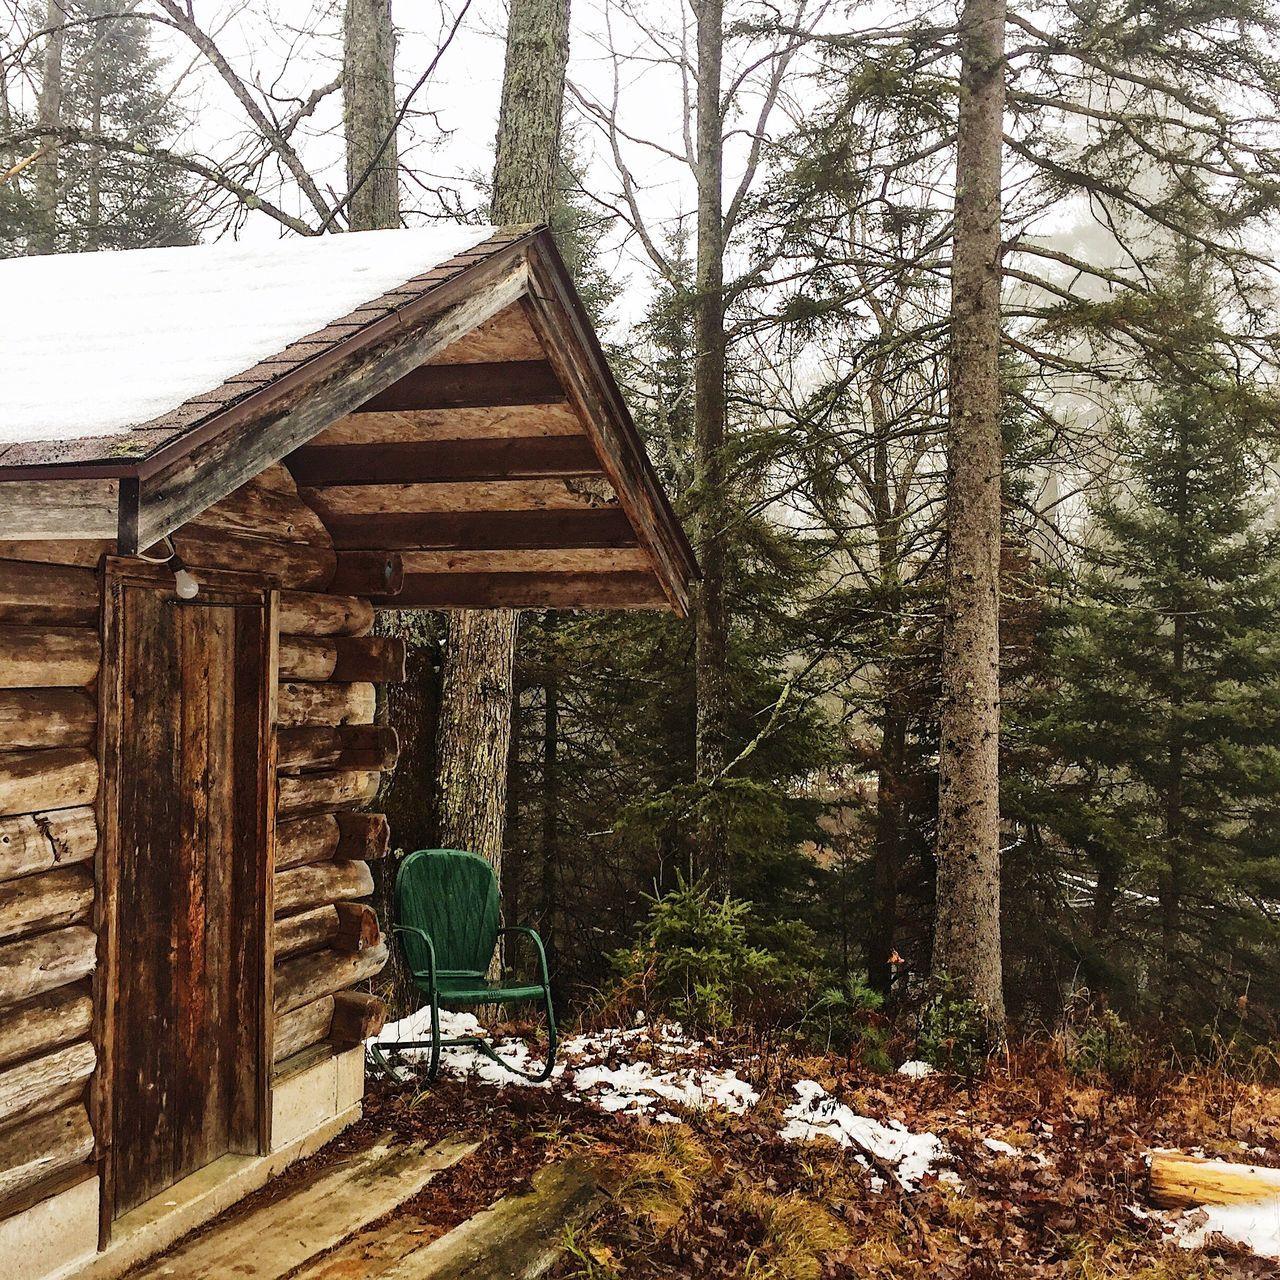 Camp sauna Outdoors Tree Nature Taking Photos Nature On Your Doorstep Iphonography Sauna